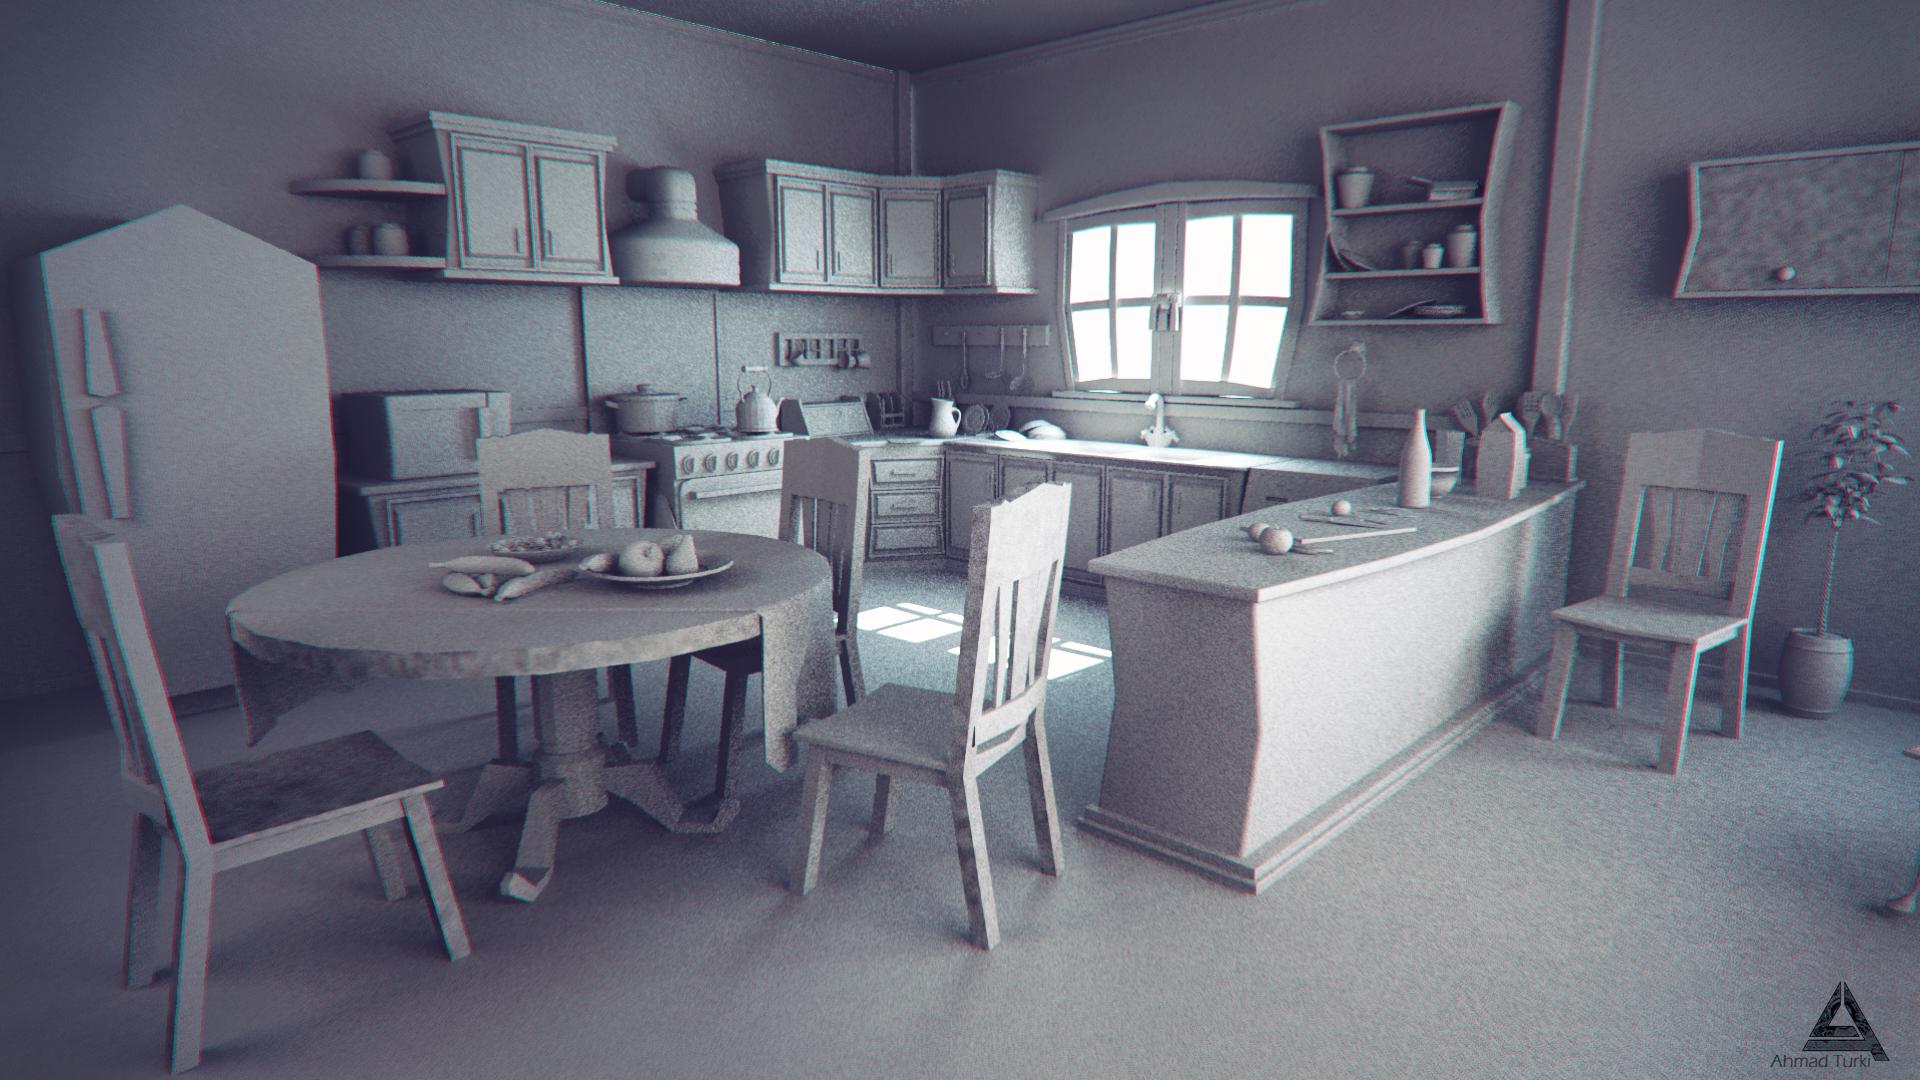 Cartoon kitchen wip by ahmadturk on deviantart for Cartoon kitchen cabinets